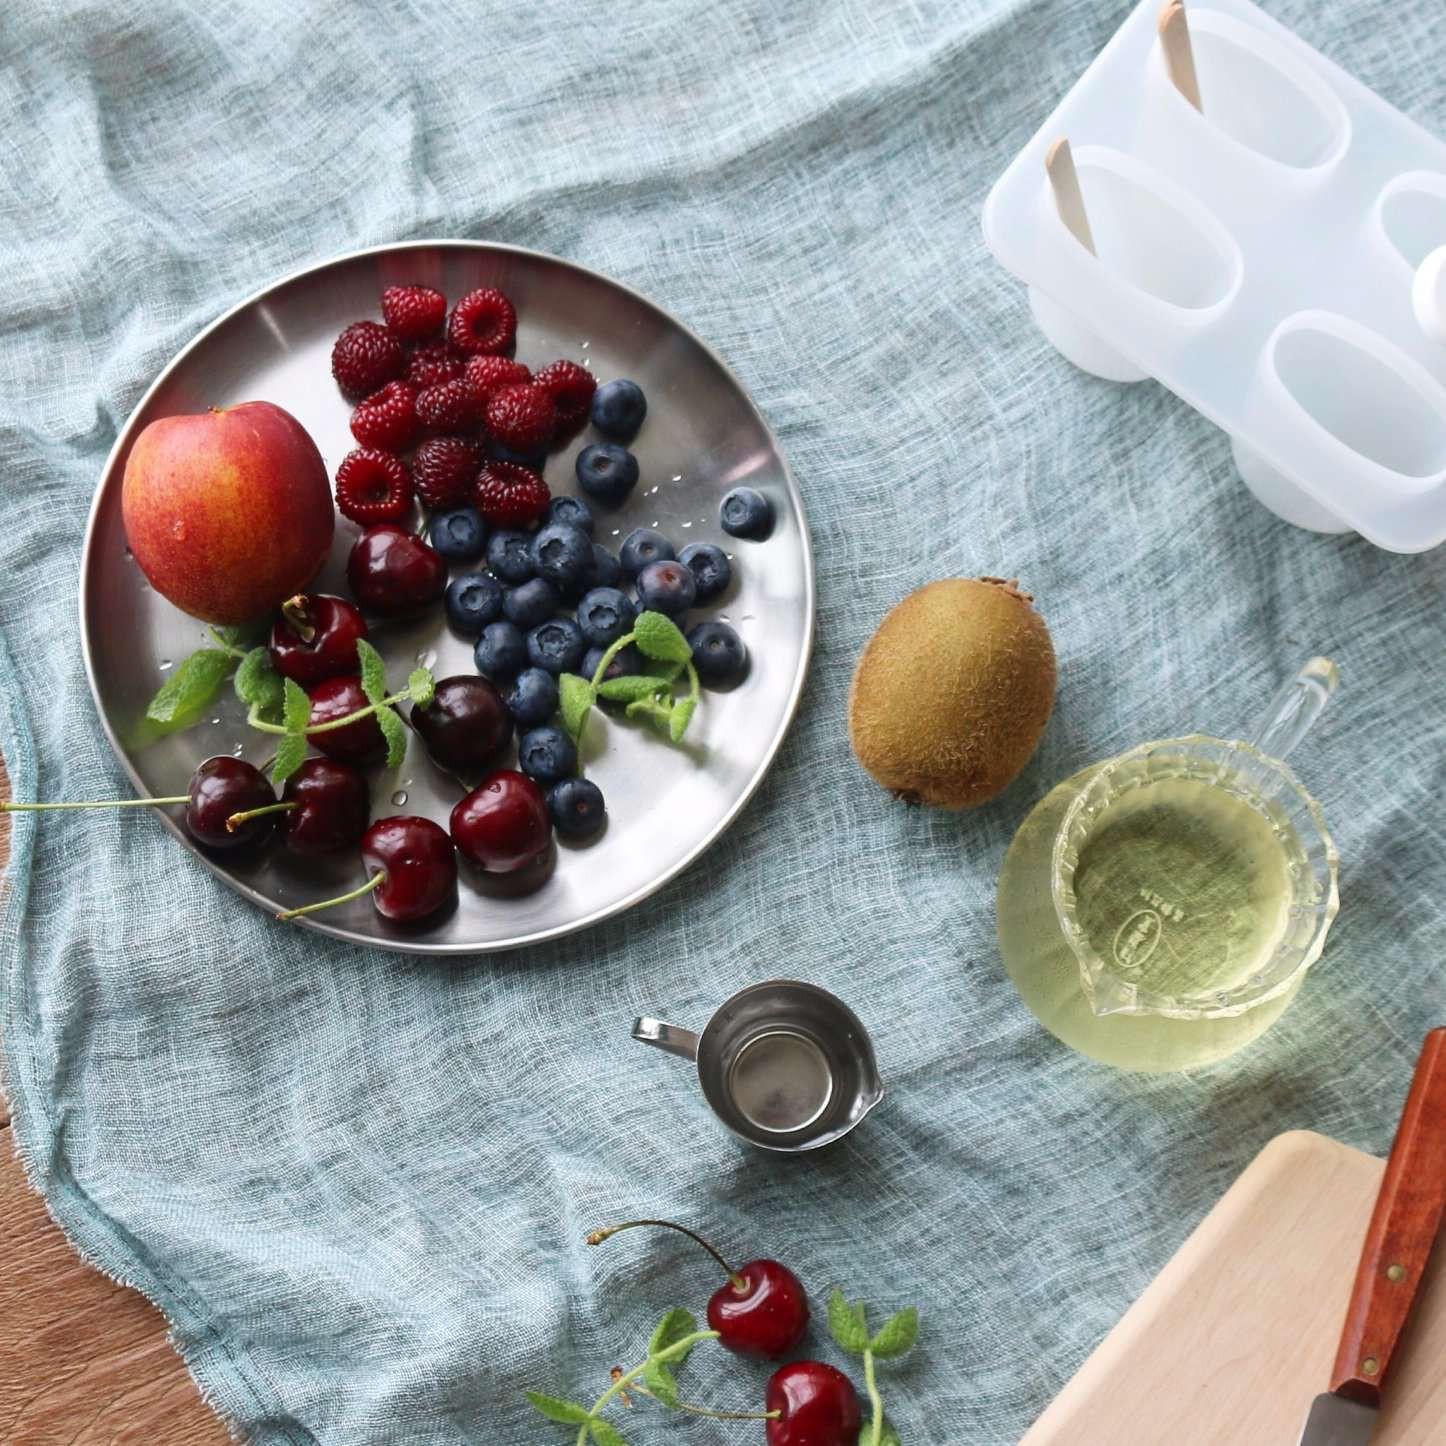 Có một cách làm kem trái cây dễ chưa từng thấy và vô cùng thơm ngon - Ảnh 1